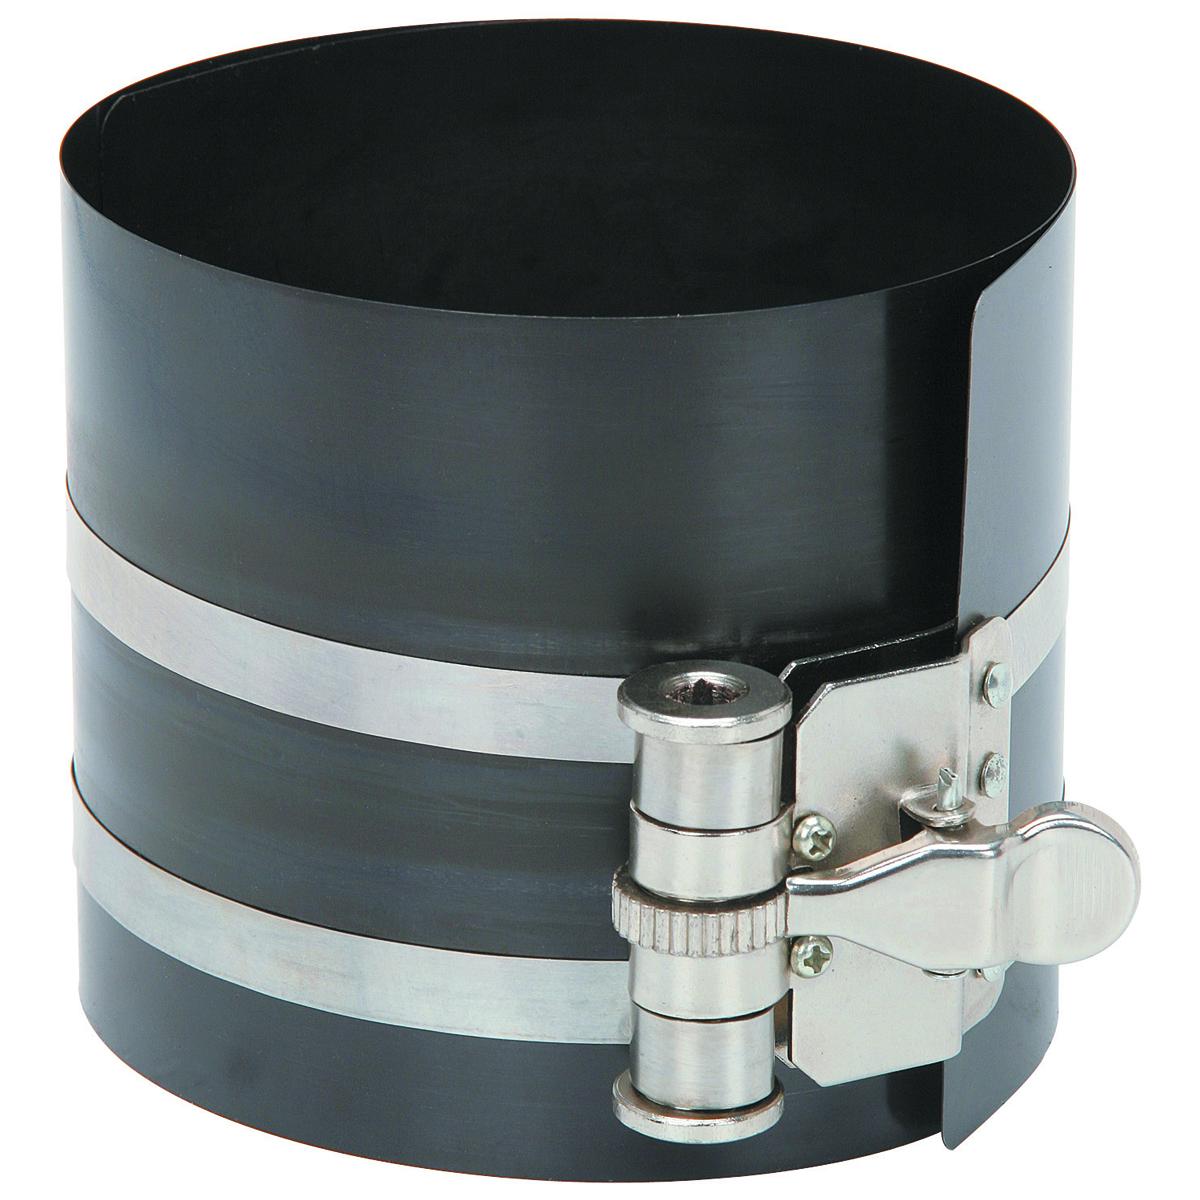 Piston Ring Compressor 4 Quot Piston Ring Compressor